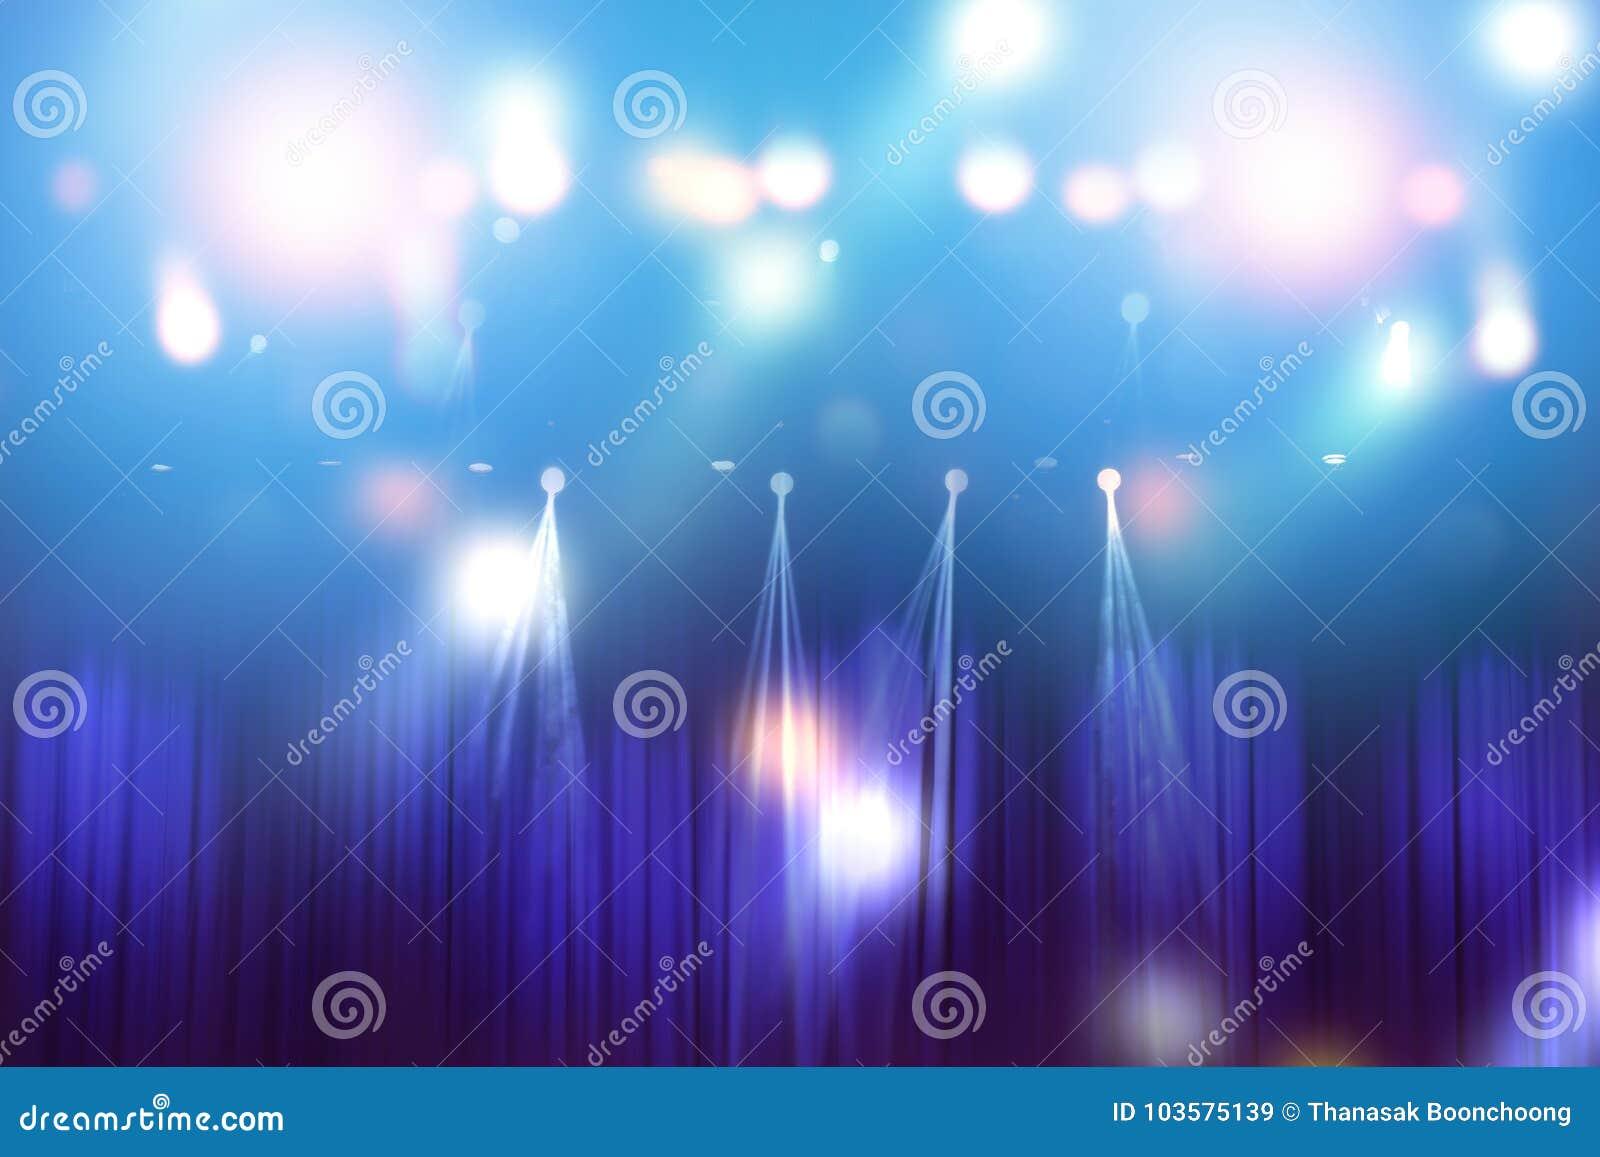 Vage lichten op stadium, samenvatting van overlegverlichting